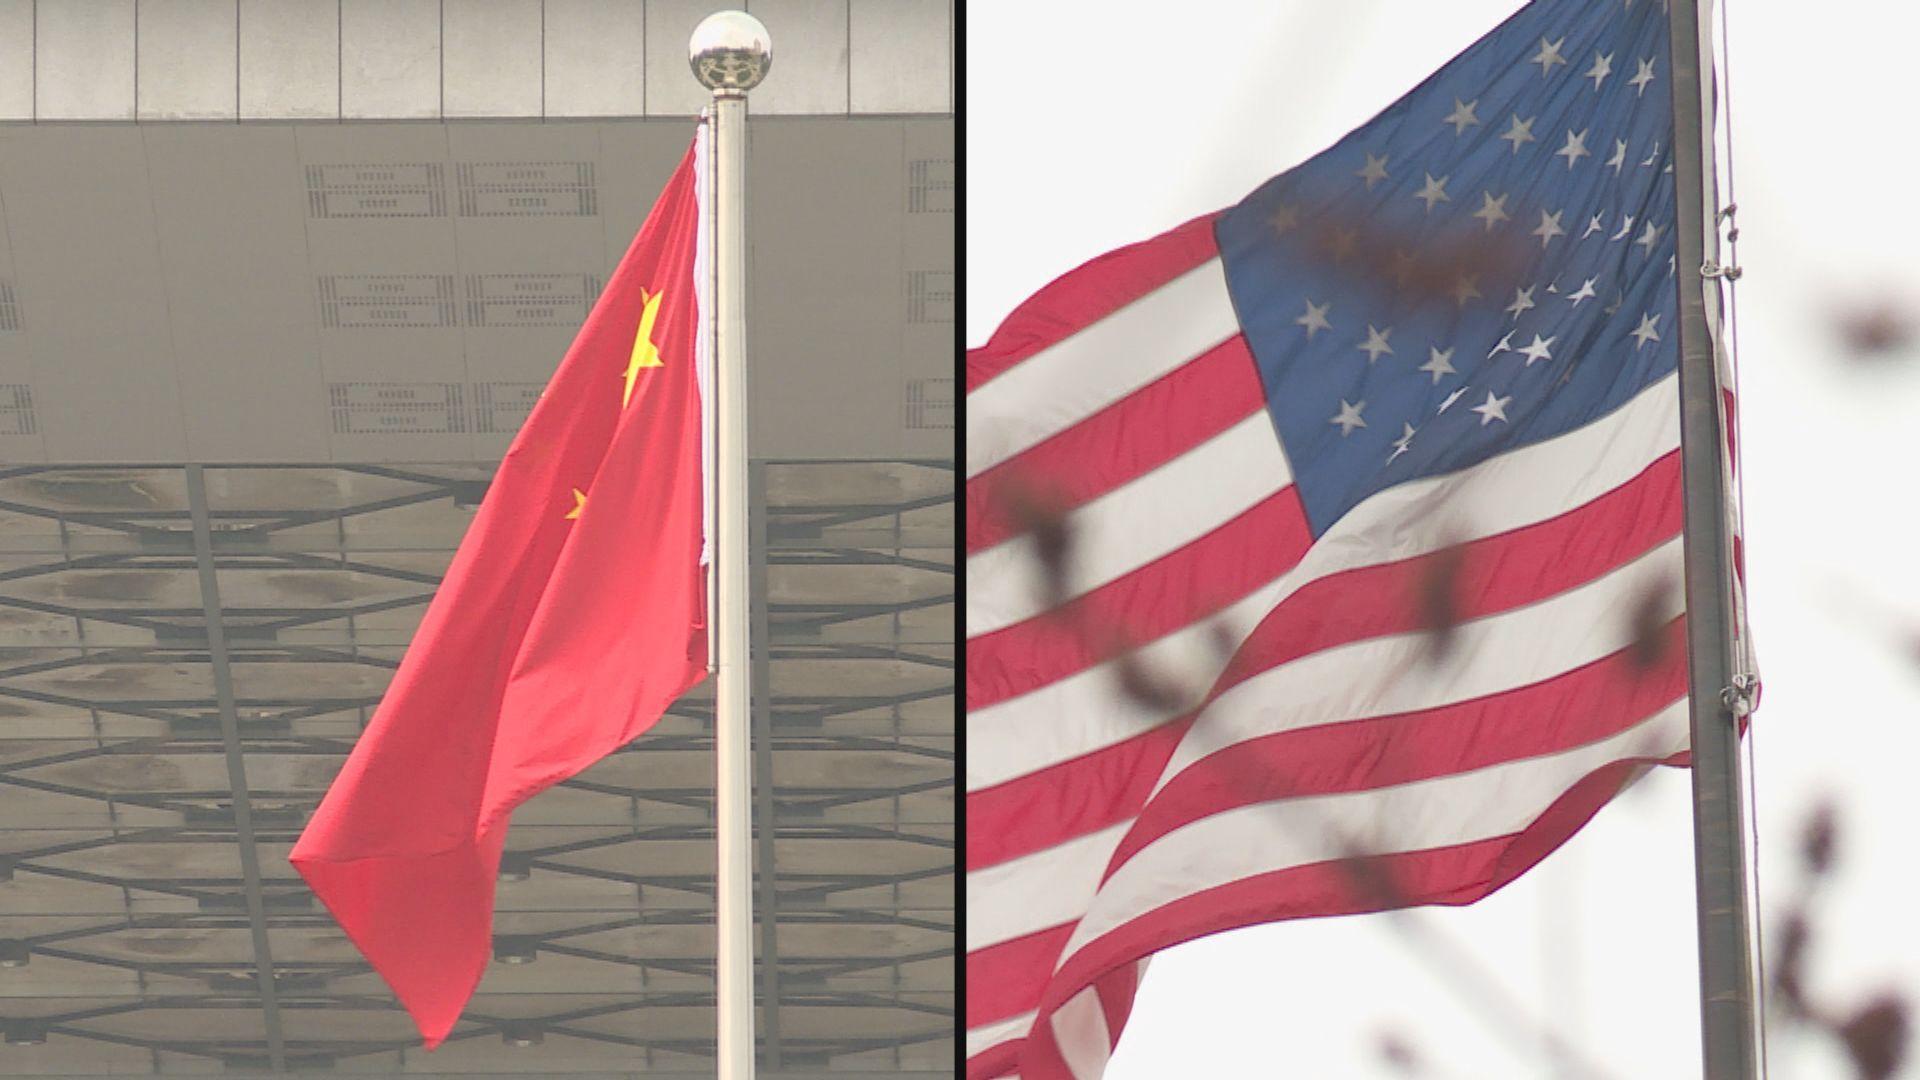 拜登指中國為最重要競爭對手 但會在符合美國利益時與中方合作